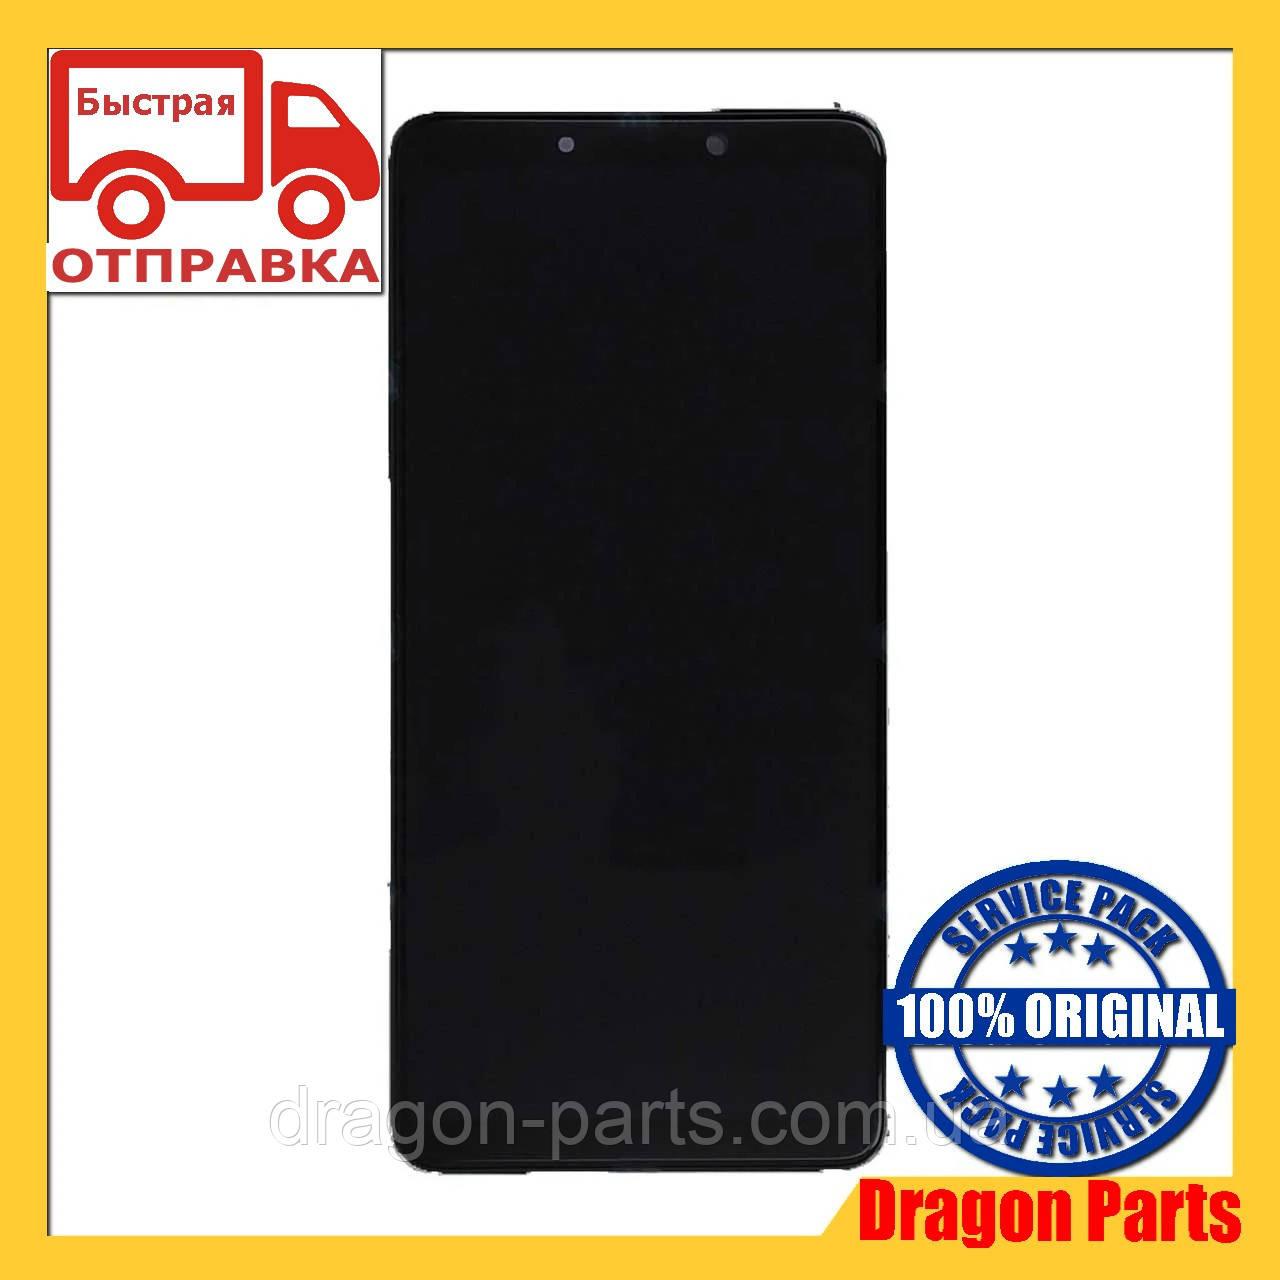 Дисплей Samsung A920 Galaxy A9 2018 с сенсором Черный Black оригинал , GH82-18308A